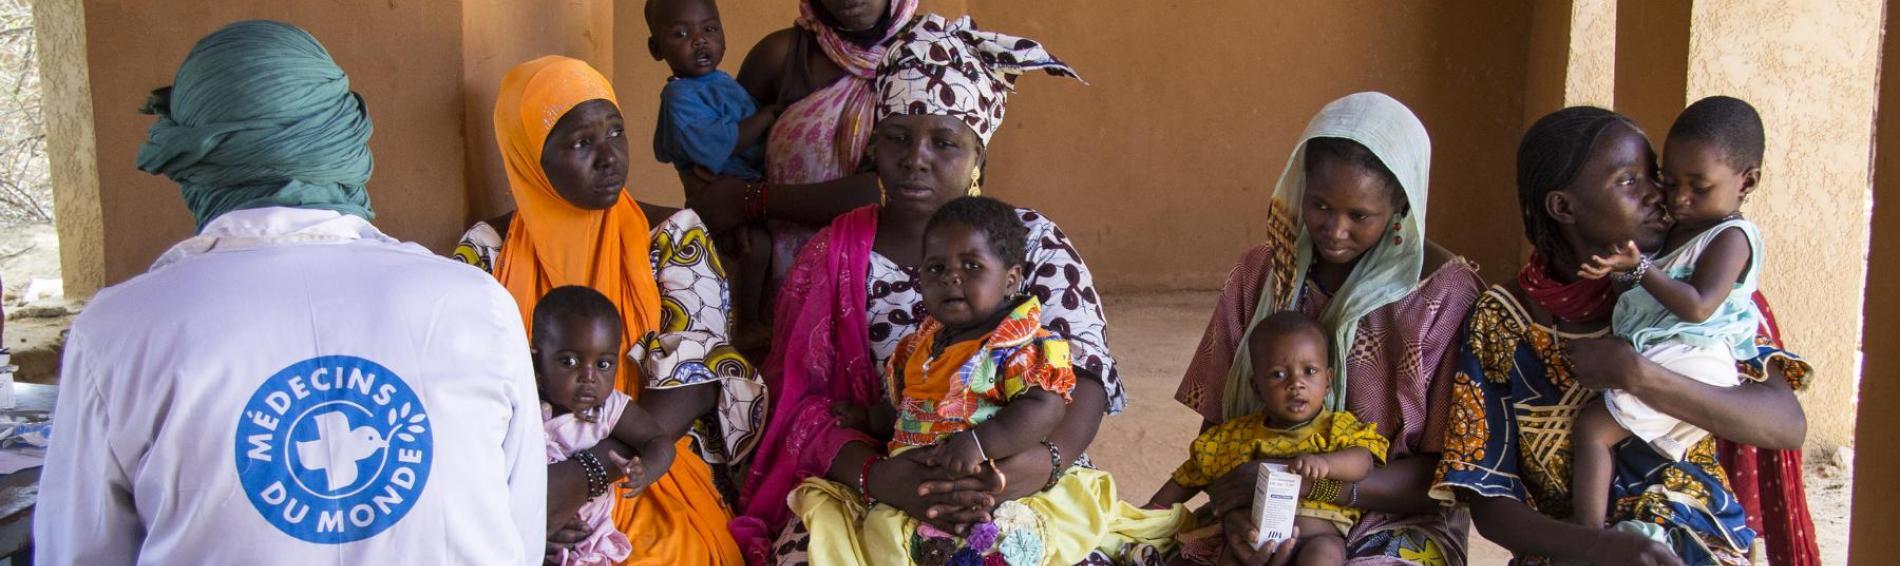 Ein mobiles Team von Ärzte der Welt führt eine Impfaktion in Mali durch. Foto: Ärzte der Welt